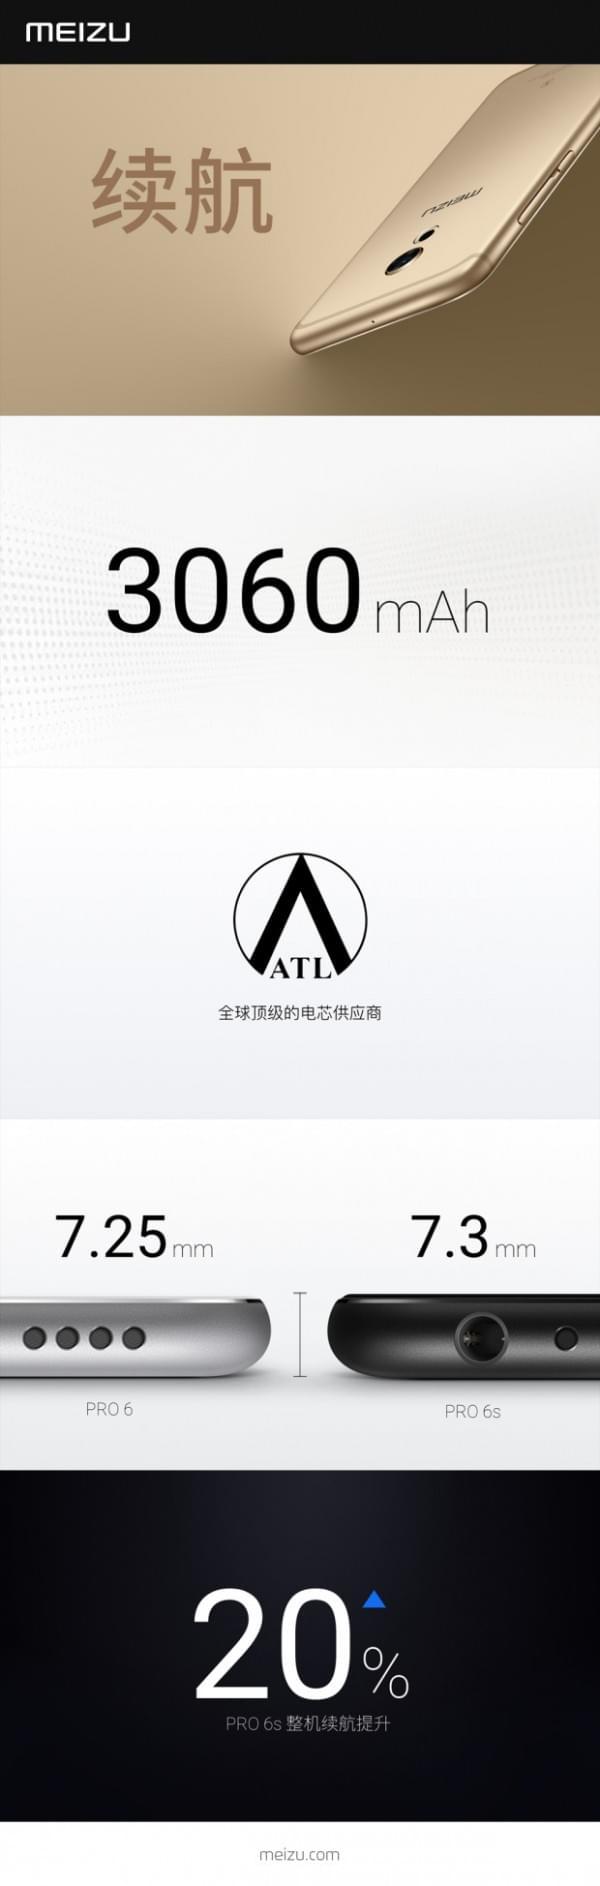 魅族发布PRO 6s 首次搭载光学防抖功能 售价2699元的照片 - 2